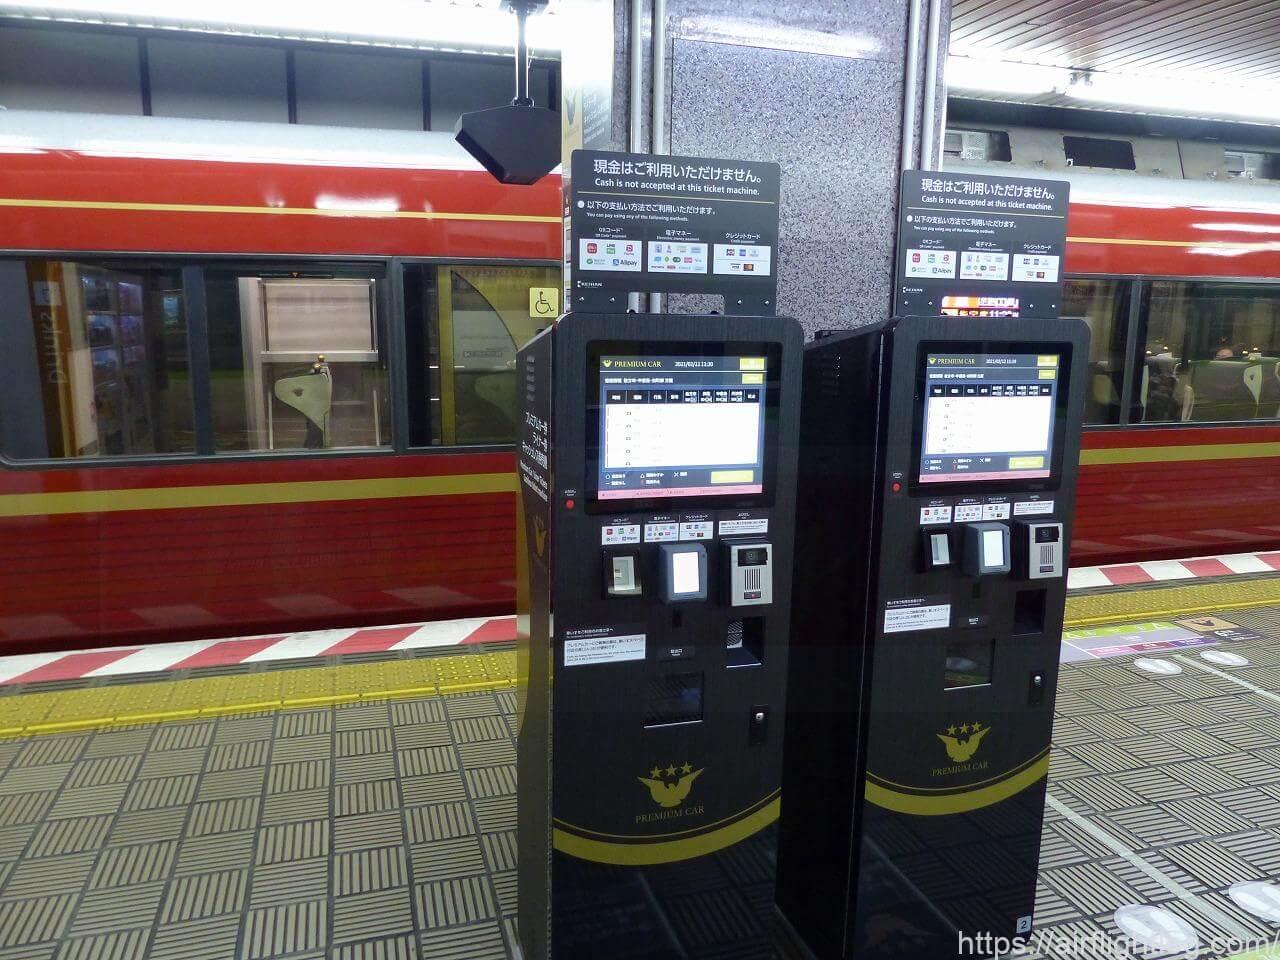 京阪プレミアムカー券売機